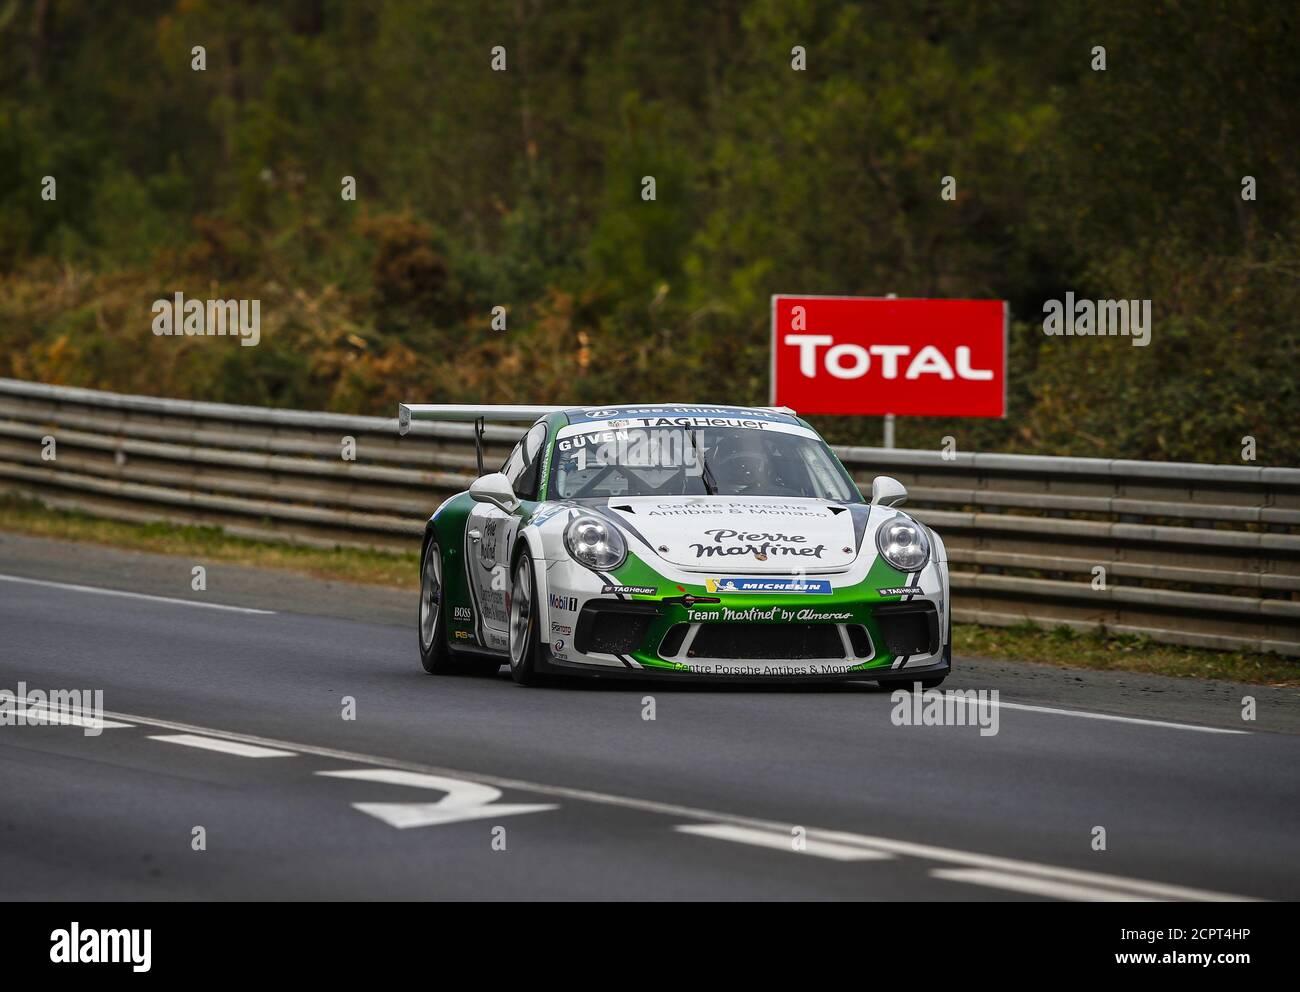 Le Mans, Francia. 19 de septiembre de 2020. 01 Guven Ayhancan, Martinet de Alm..ras, Porsche 911 GT3 Cup, acción durante la Copa Porsche Carrera 2020 en el circuito des 24 Heures du Mans, del 18 al 19 de septiembre de 2020 en le Mans, Francia - Foto Xavi Bonilla / DPPI crédito: LM/DPPI/Xavi Bonilla/Alamy Live News crédito: Gruppo Editoriale LiveMedia/Alamy Live News Foto de stock